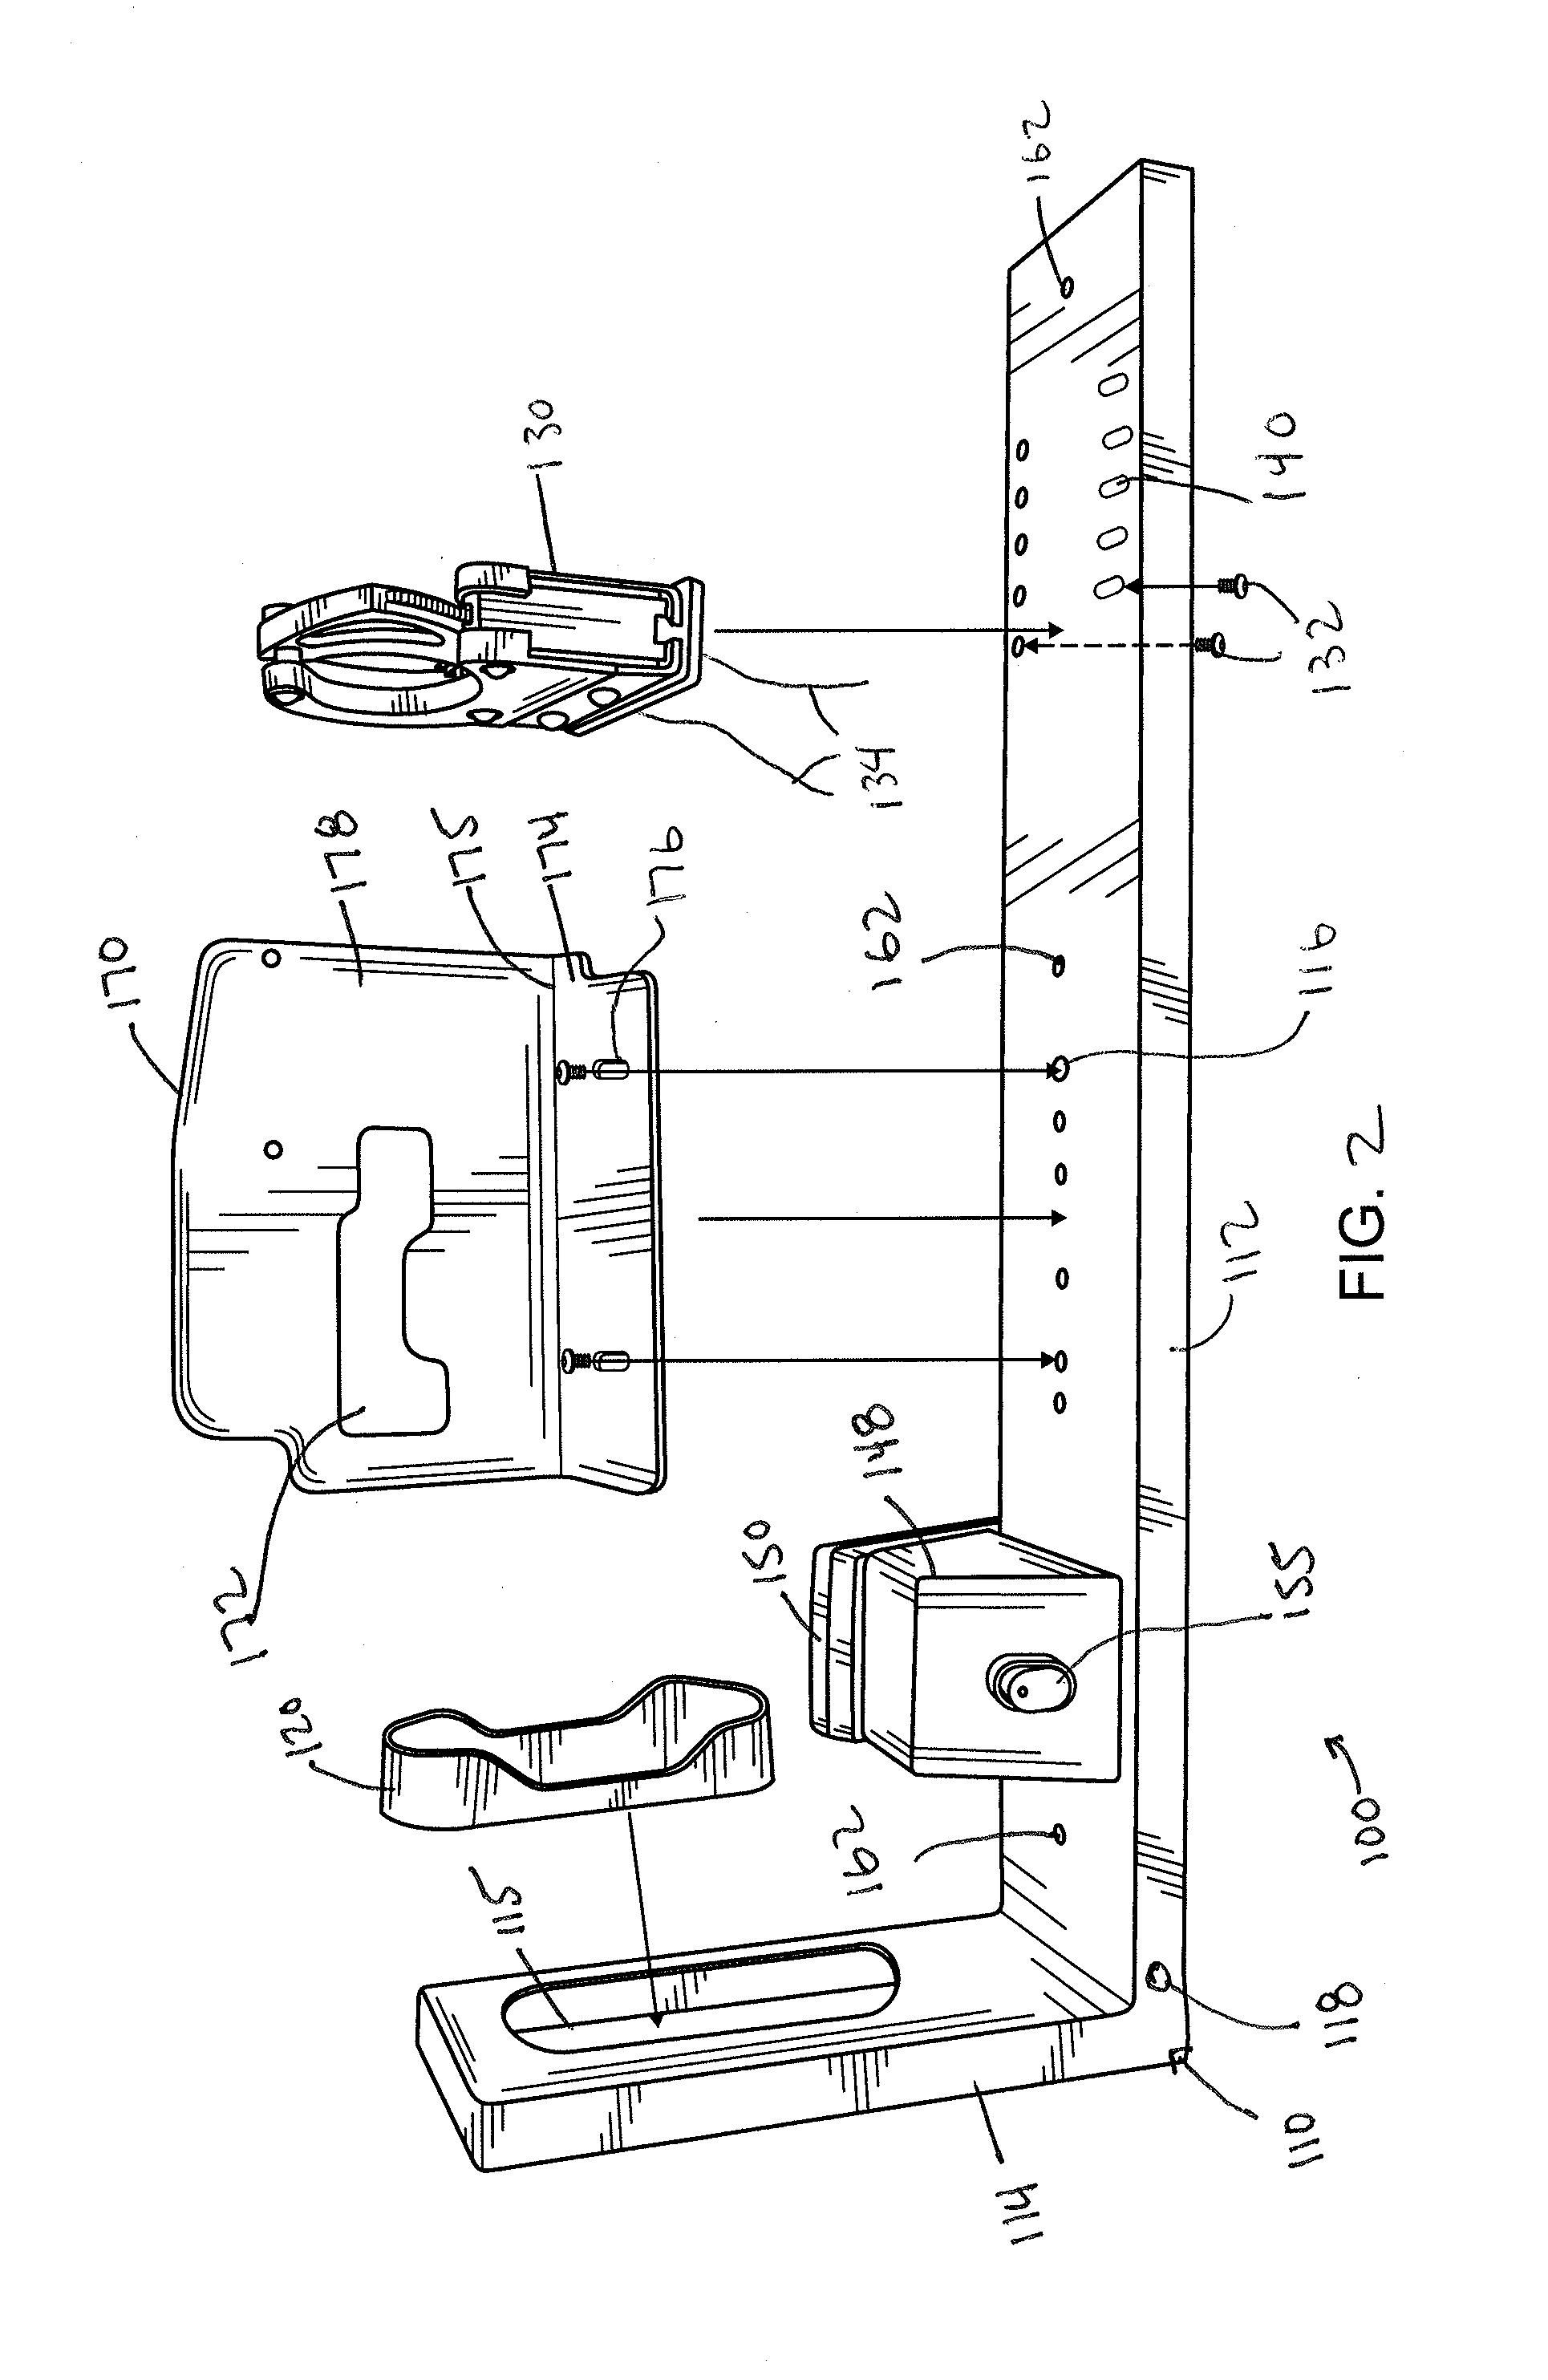 US20140263107A1 20140918 D00002 patent us20140263107 locking gun rack system with quick pro gard gun lock timer wiring diagram at honlapkeszites.co